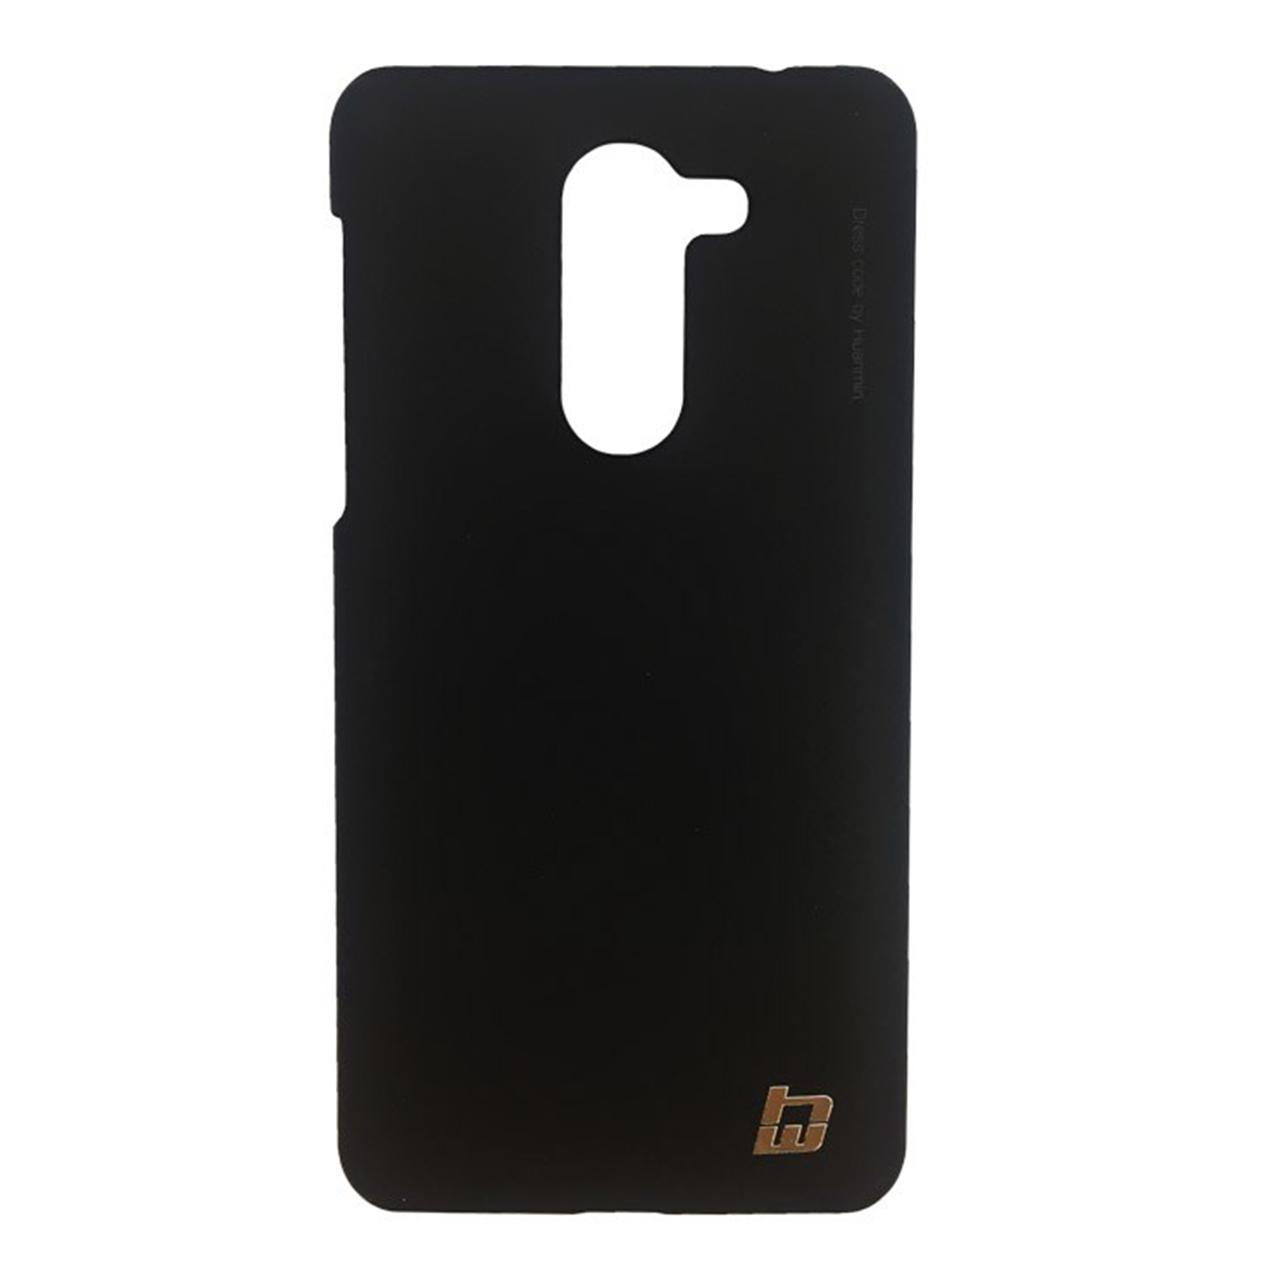 کاور هوانمین مدل Hard Case مناسب برای گوشی موبایل هواوی Honor 6X